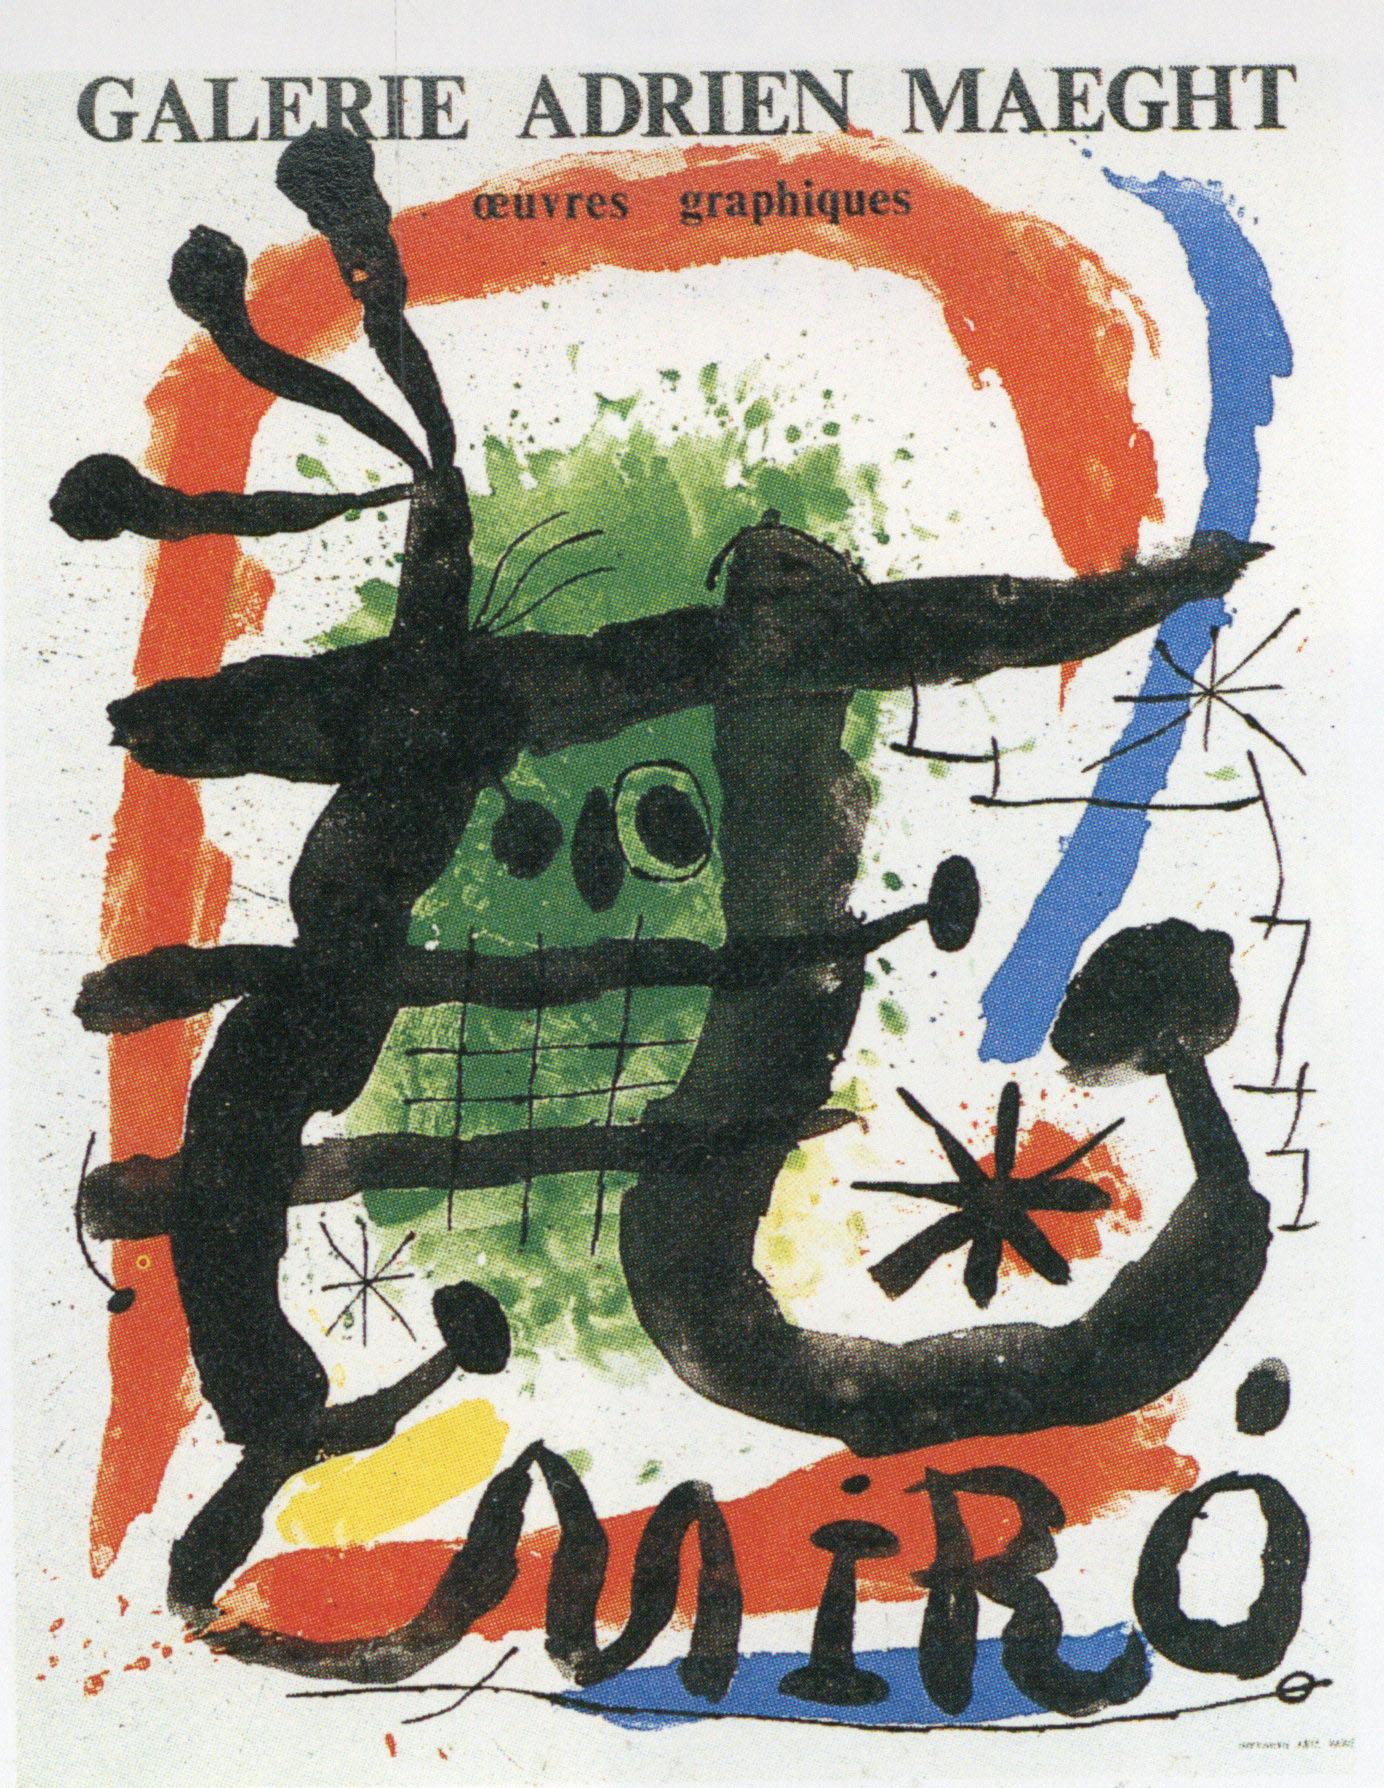 ジョアン・ミロ ポスター「Oeuvres graphiques」 /Joan Miro